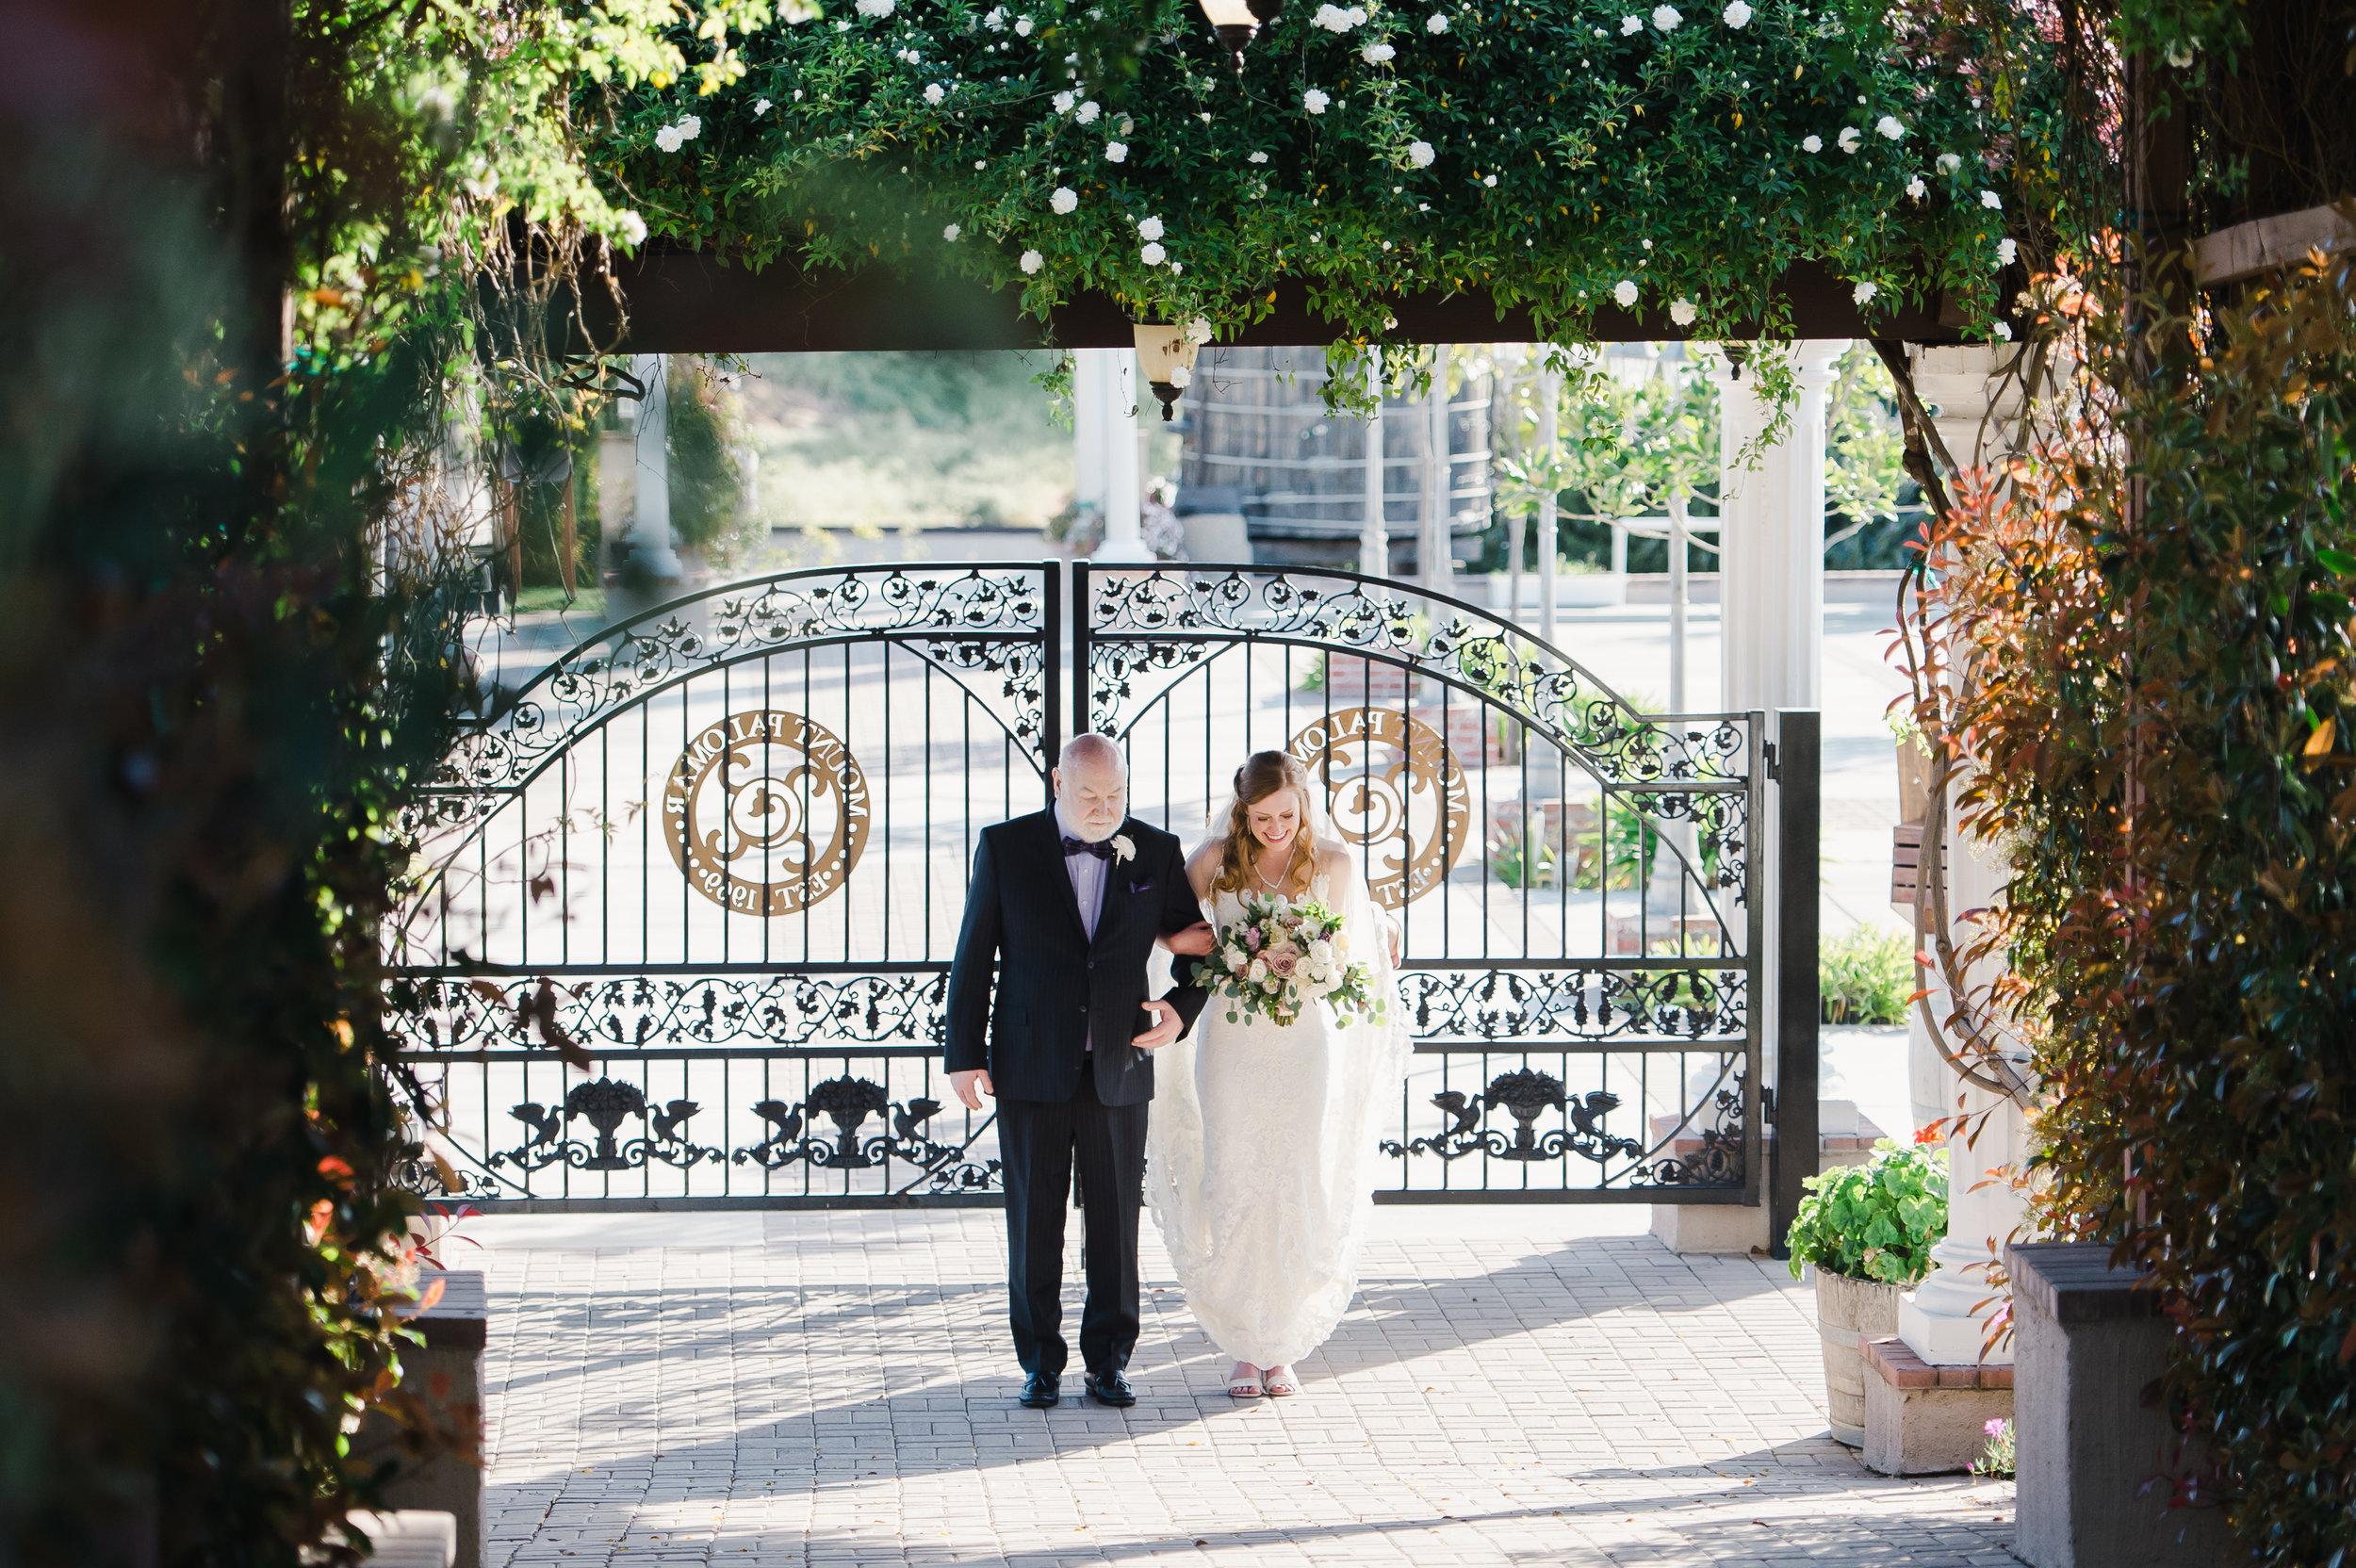 33mountpalomarwineryweddingpictures.jpg